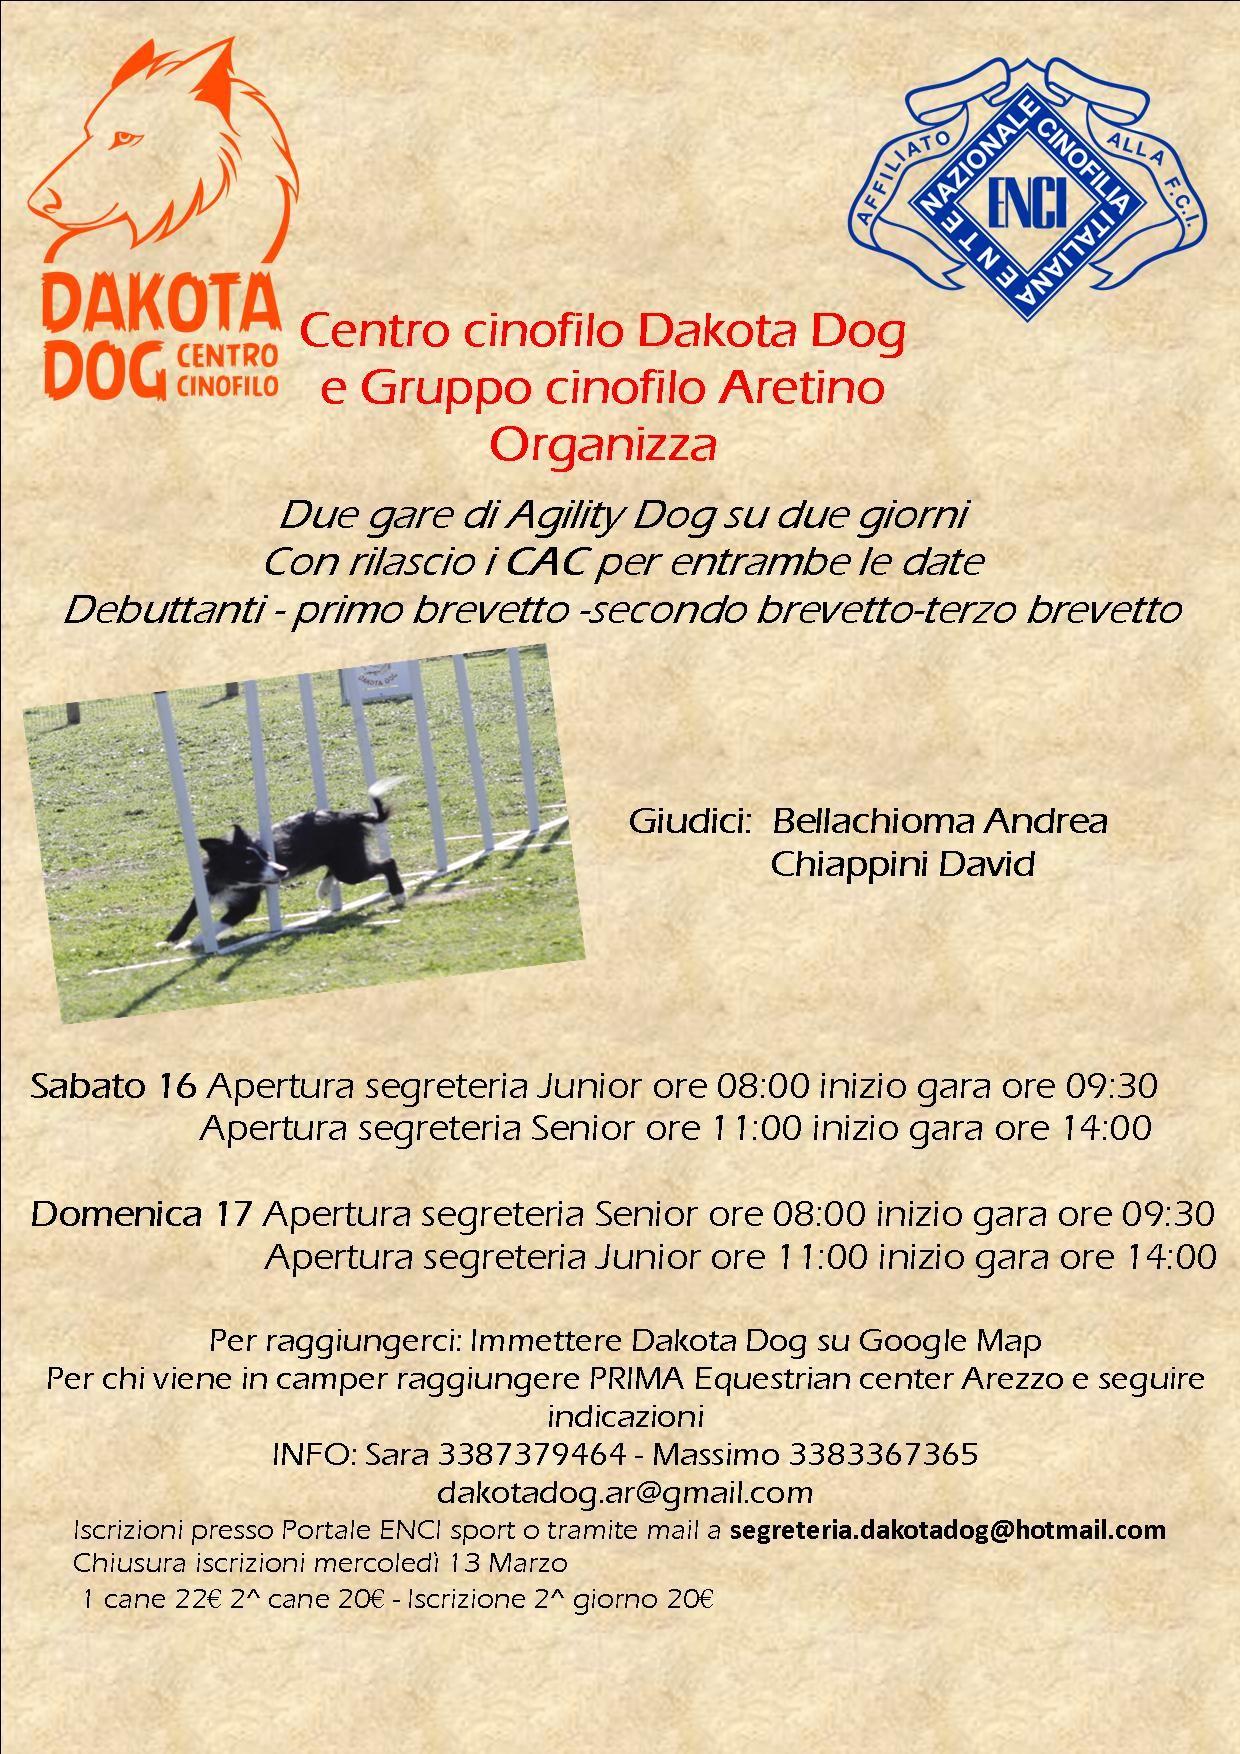 Gara Nazionale di Agility Dog di Arezzo 17 Marzo con rilascio di CAC